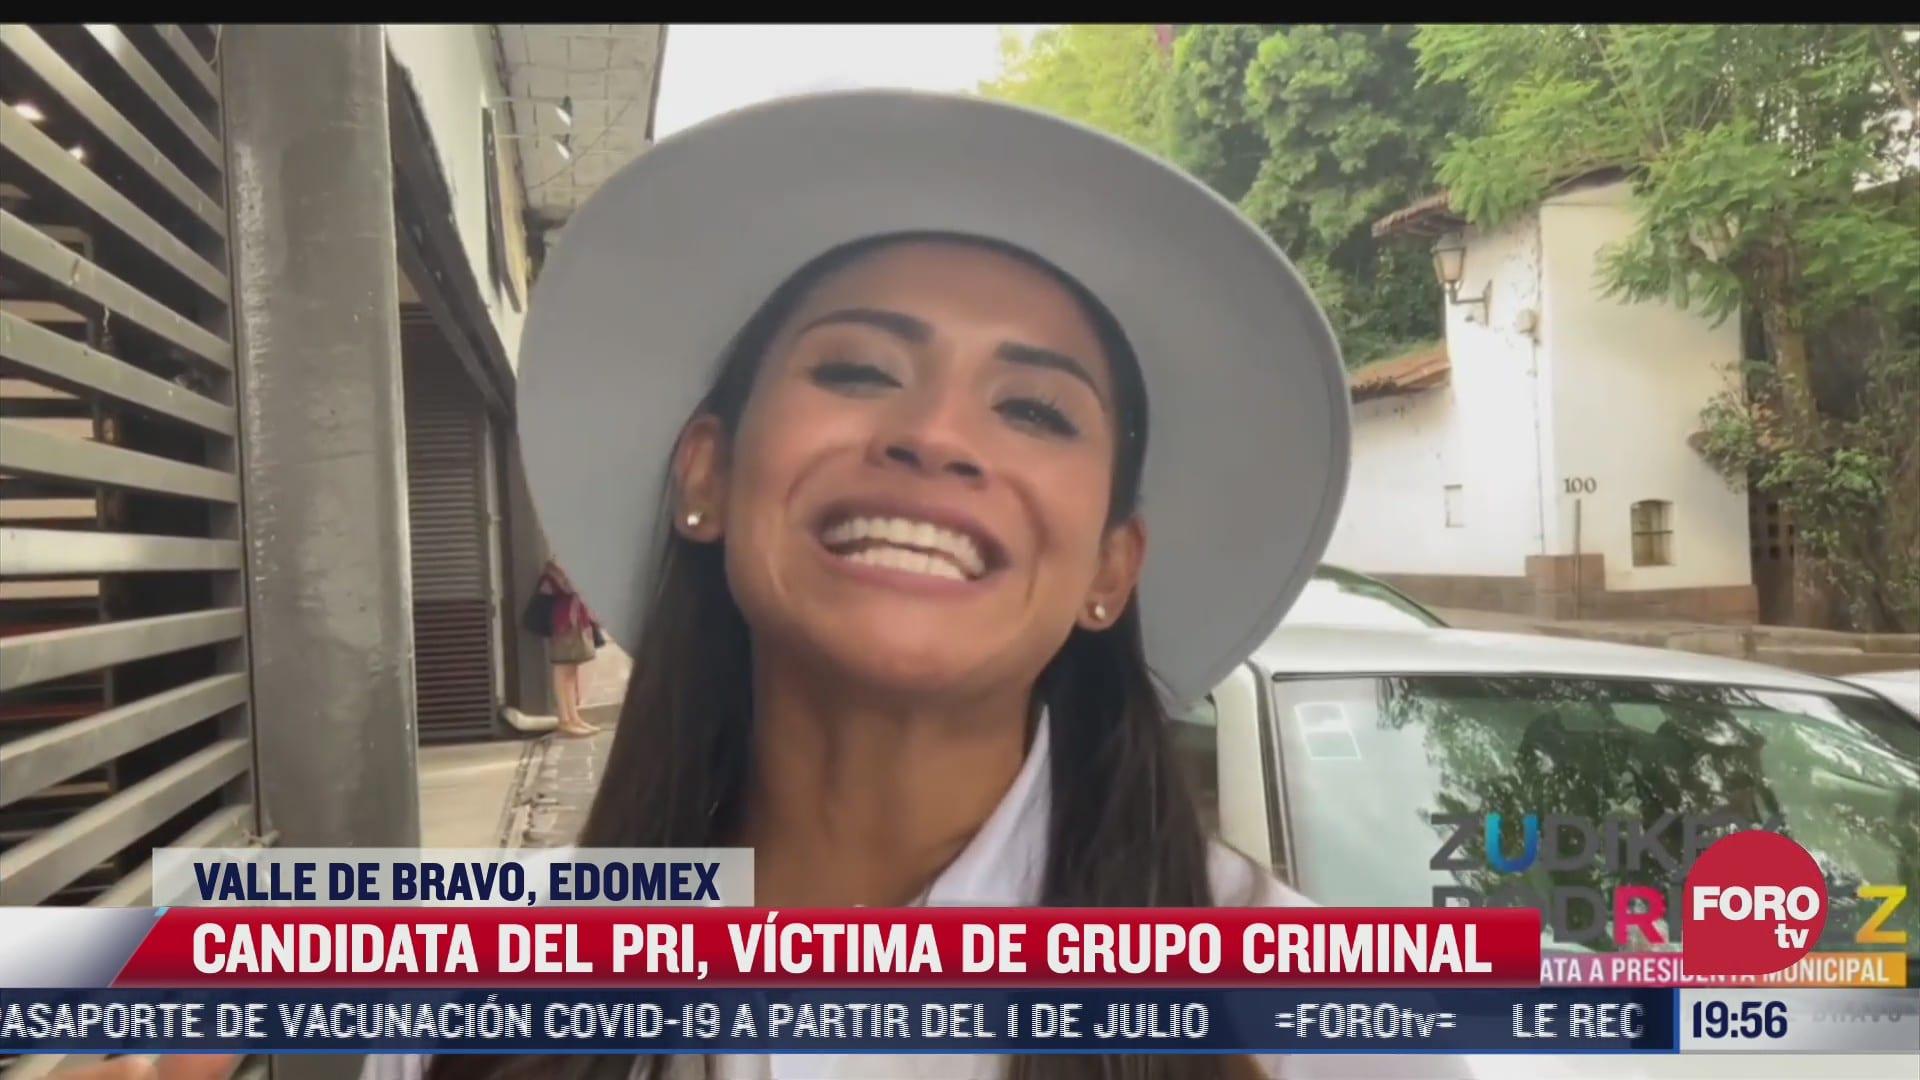 candidata del pri en valle de bravo victima del crimen organizado